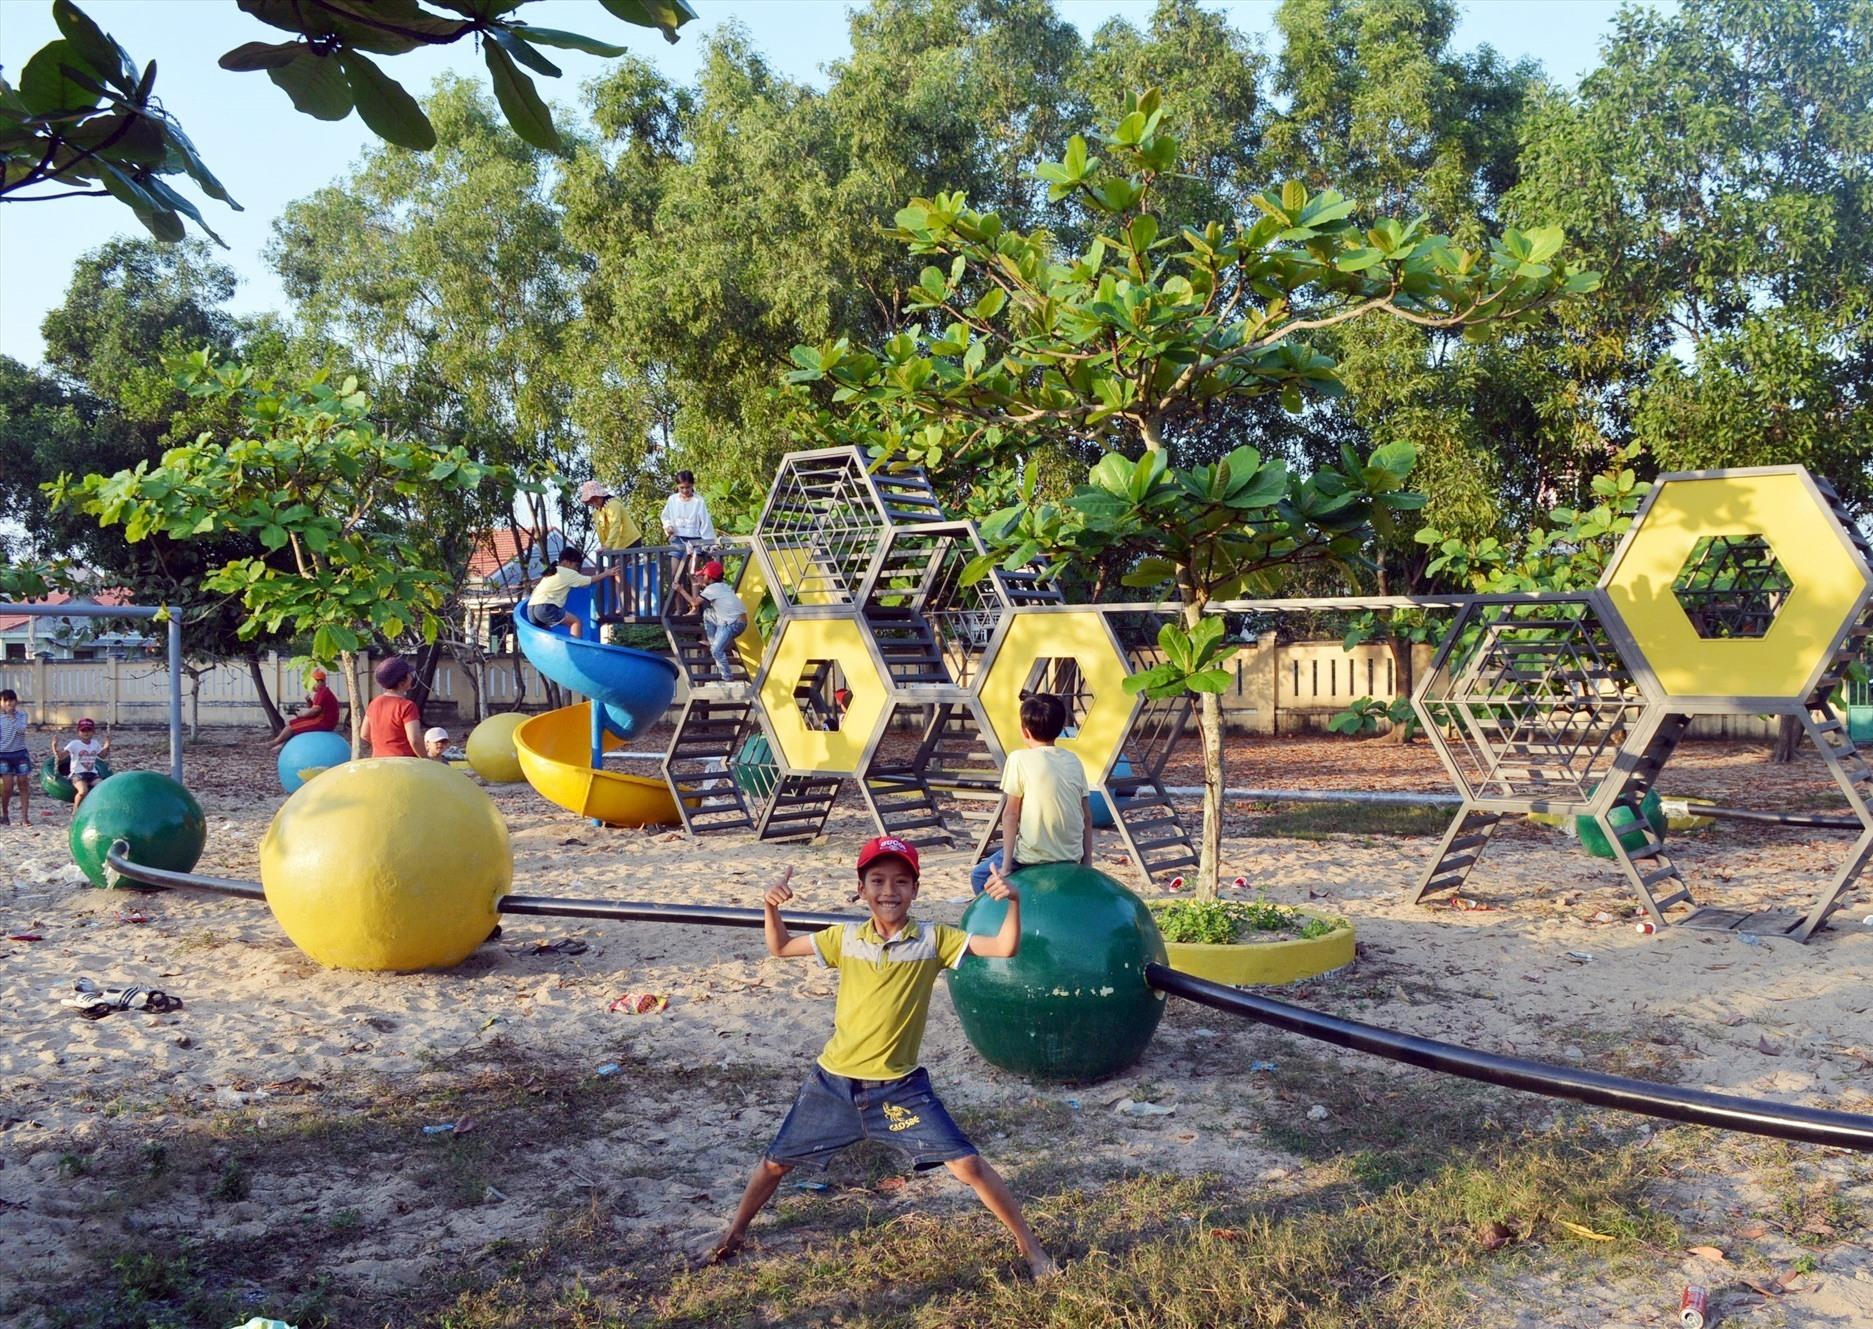 Quỹ Khuyến học Lotte, Hàn Quốc đã tài trợ xây dựng khu vui chơi cho học sinh tại trường Tiểu học Văn Thanh Tùng